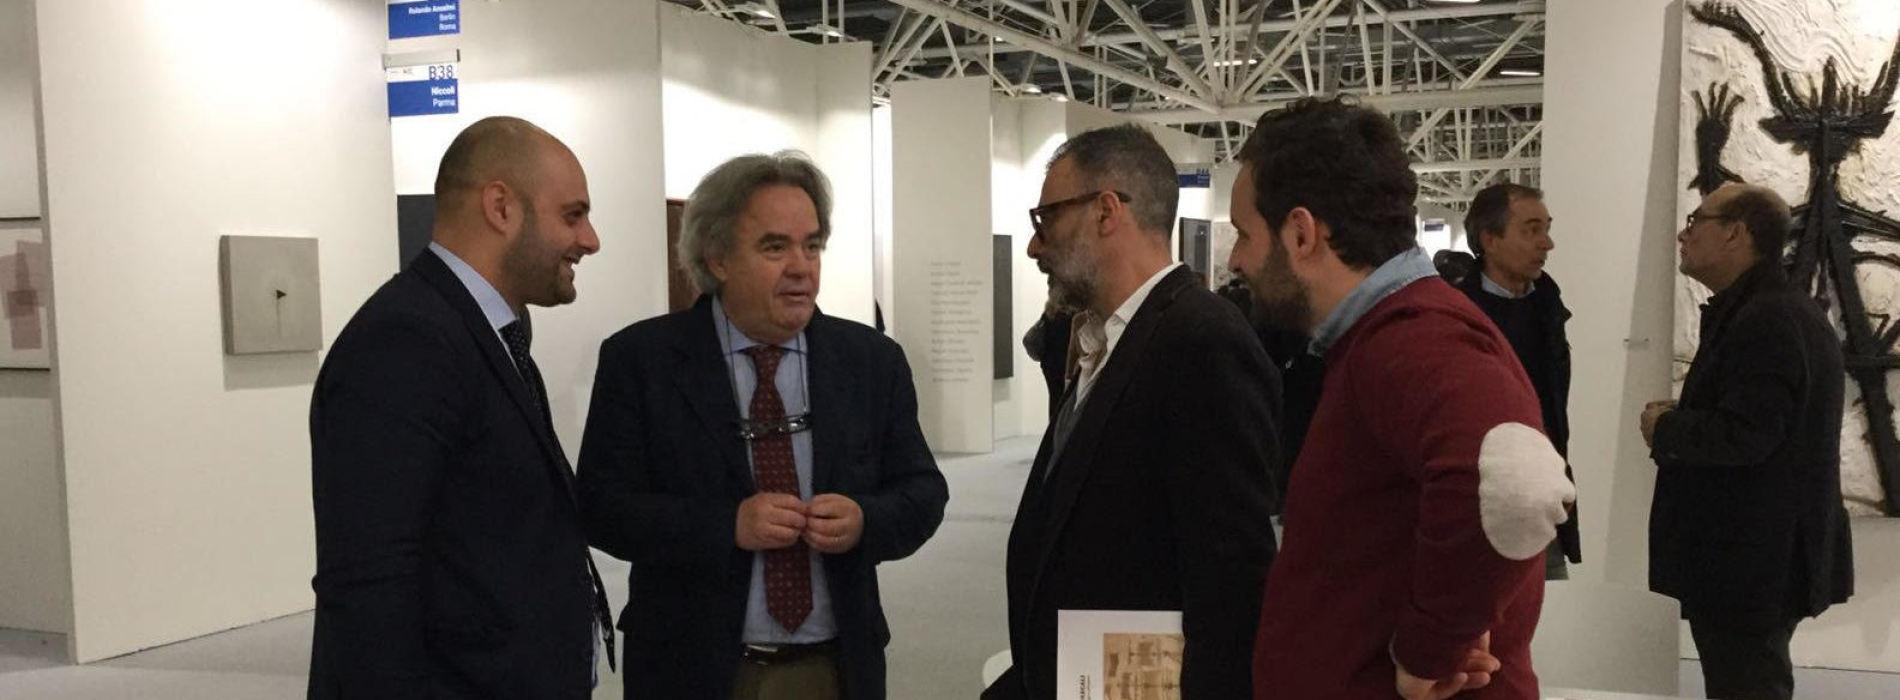 Felicori e Bassolino, incontri ad Arte Fiera da Nicola Pedana